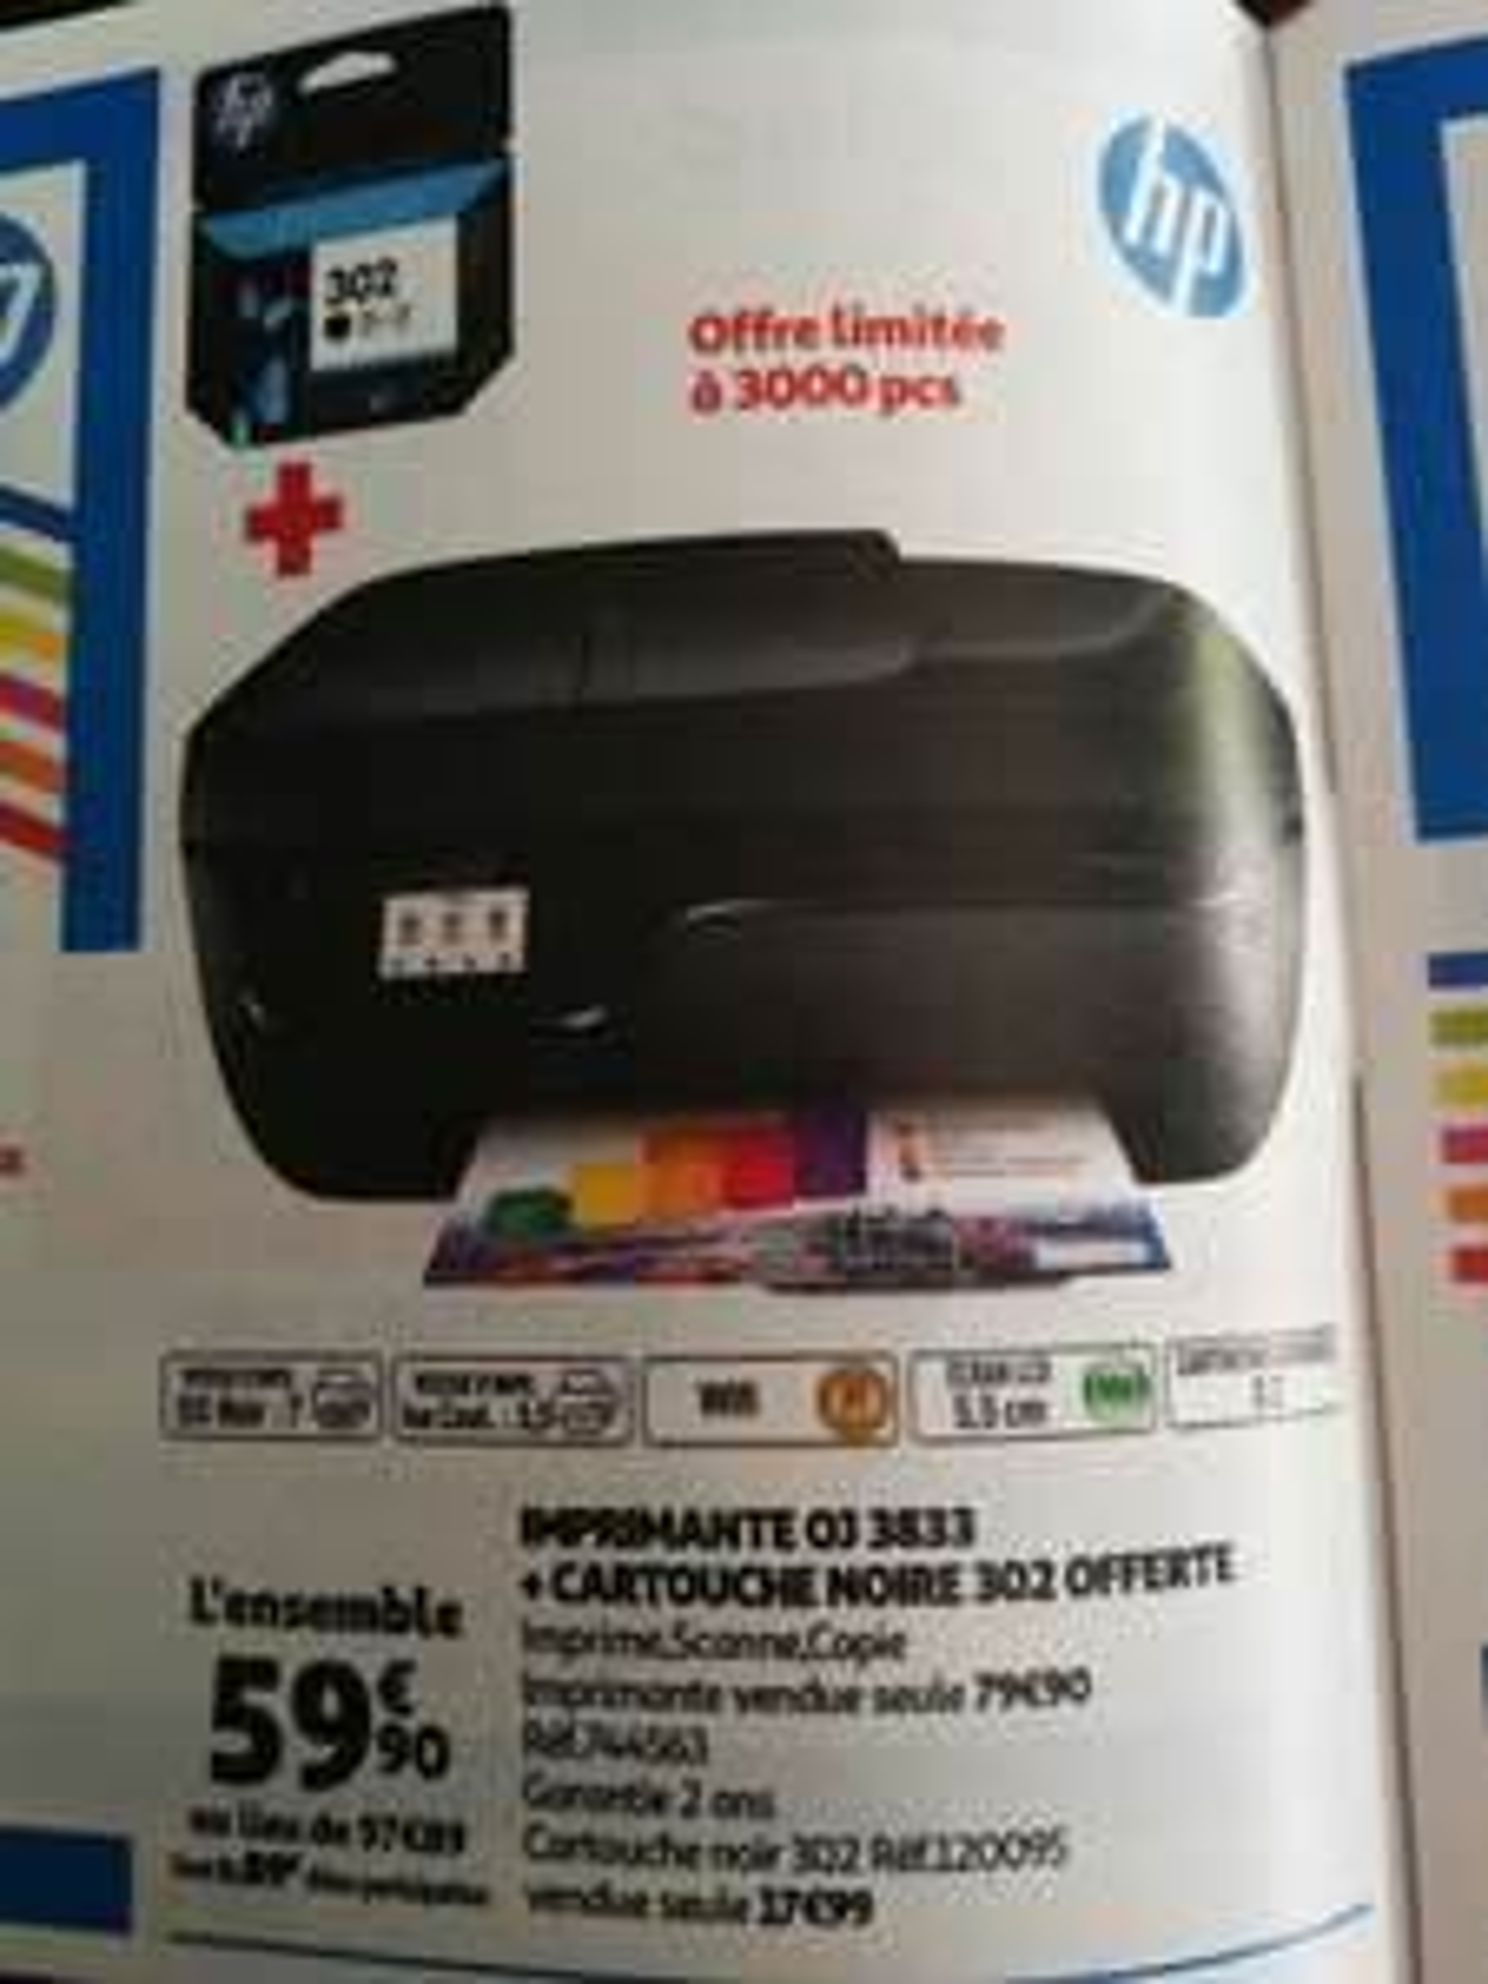 Imprimante tout-en-un HP OfficeJet 3833 + Cartouche Noire 302